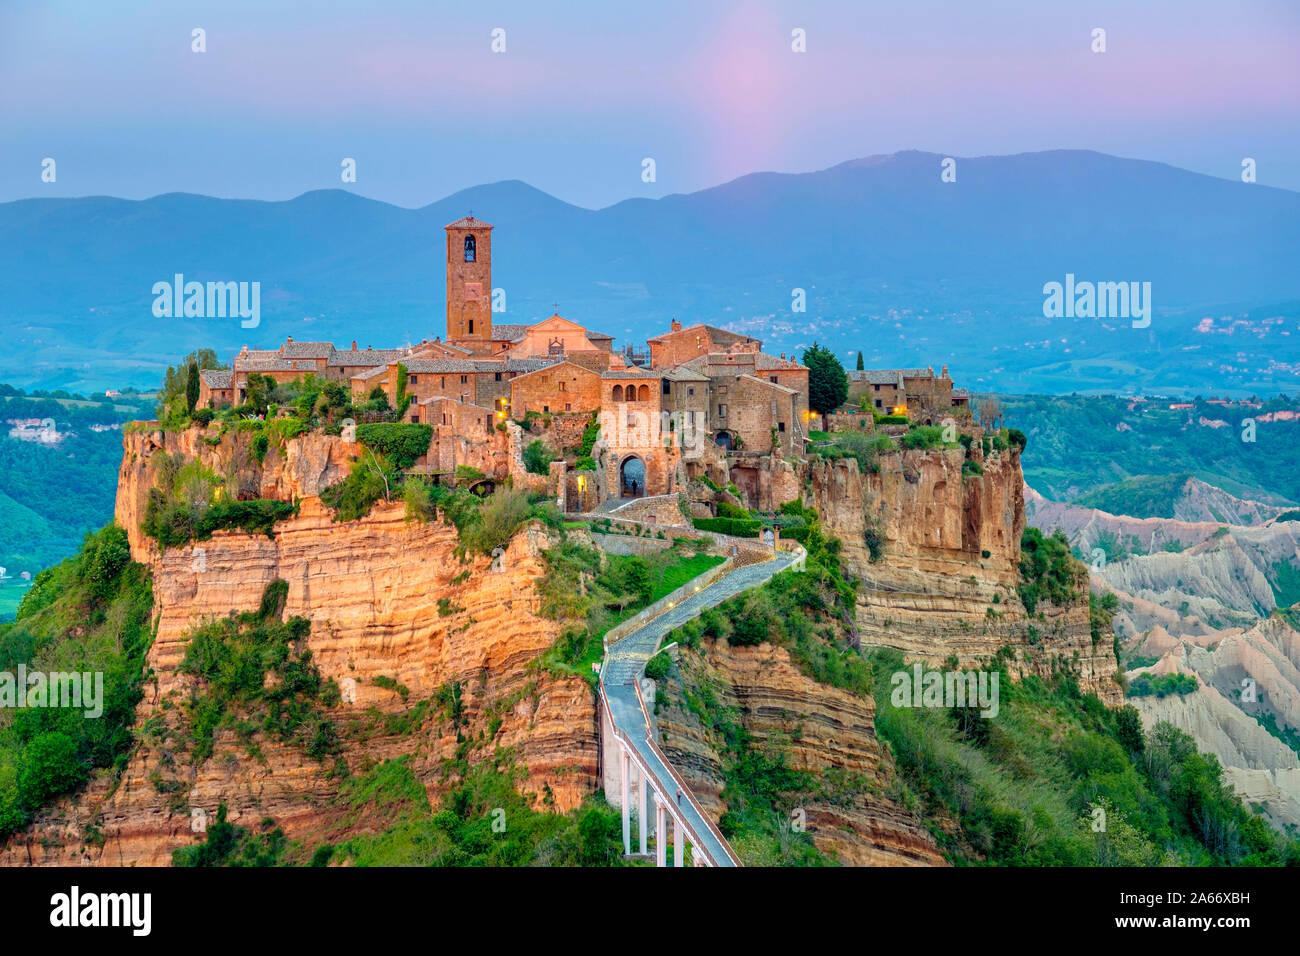 Civita di Bagnoregio al atardecer, Bagnoregio, Lacio, Italia, Europa. Foto de stock